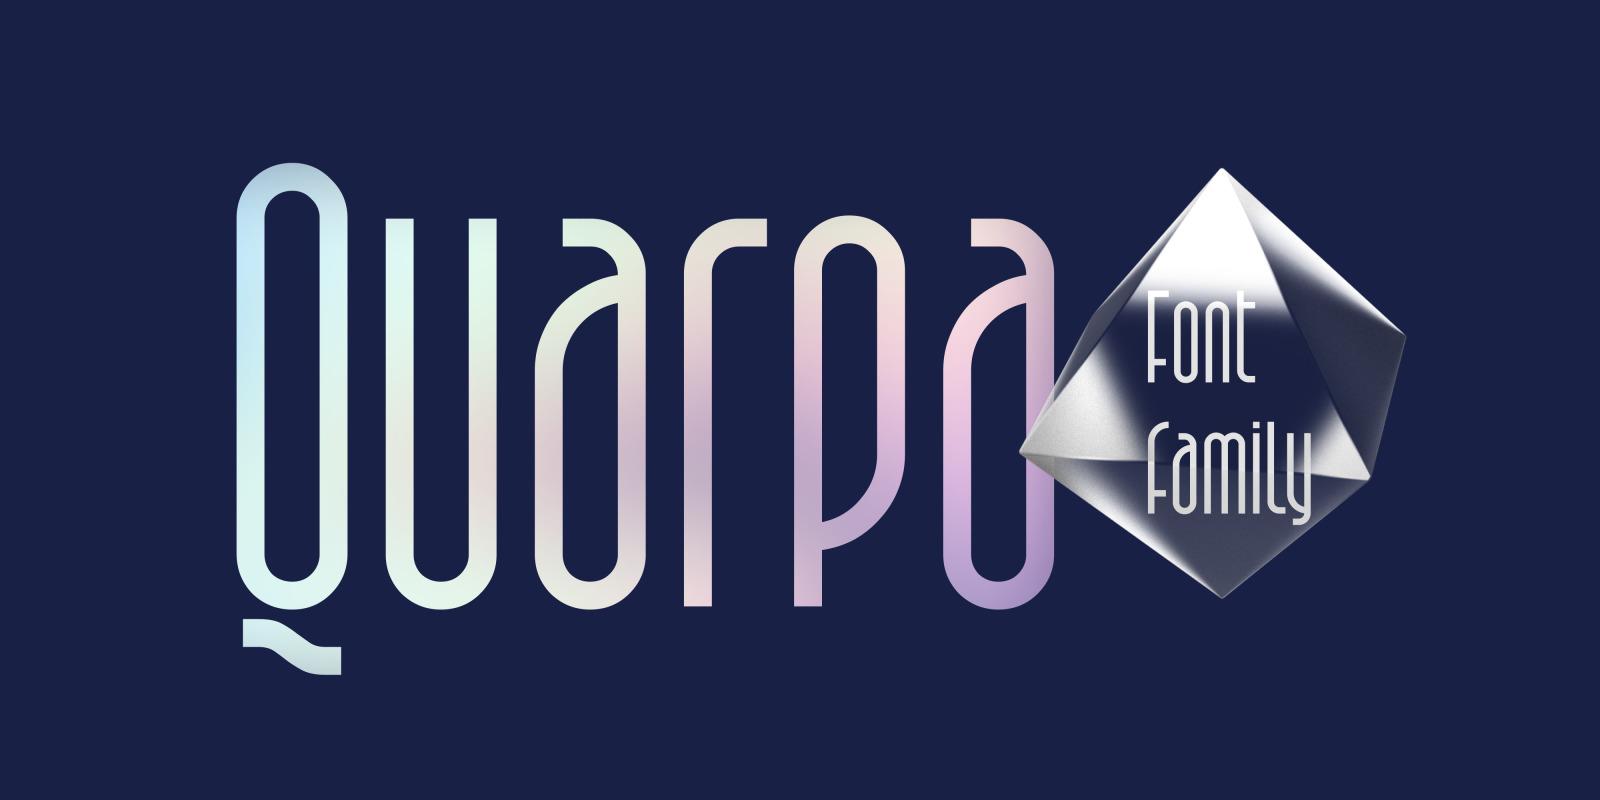 Quarpa Font Family